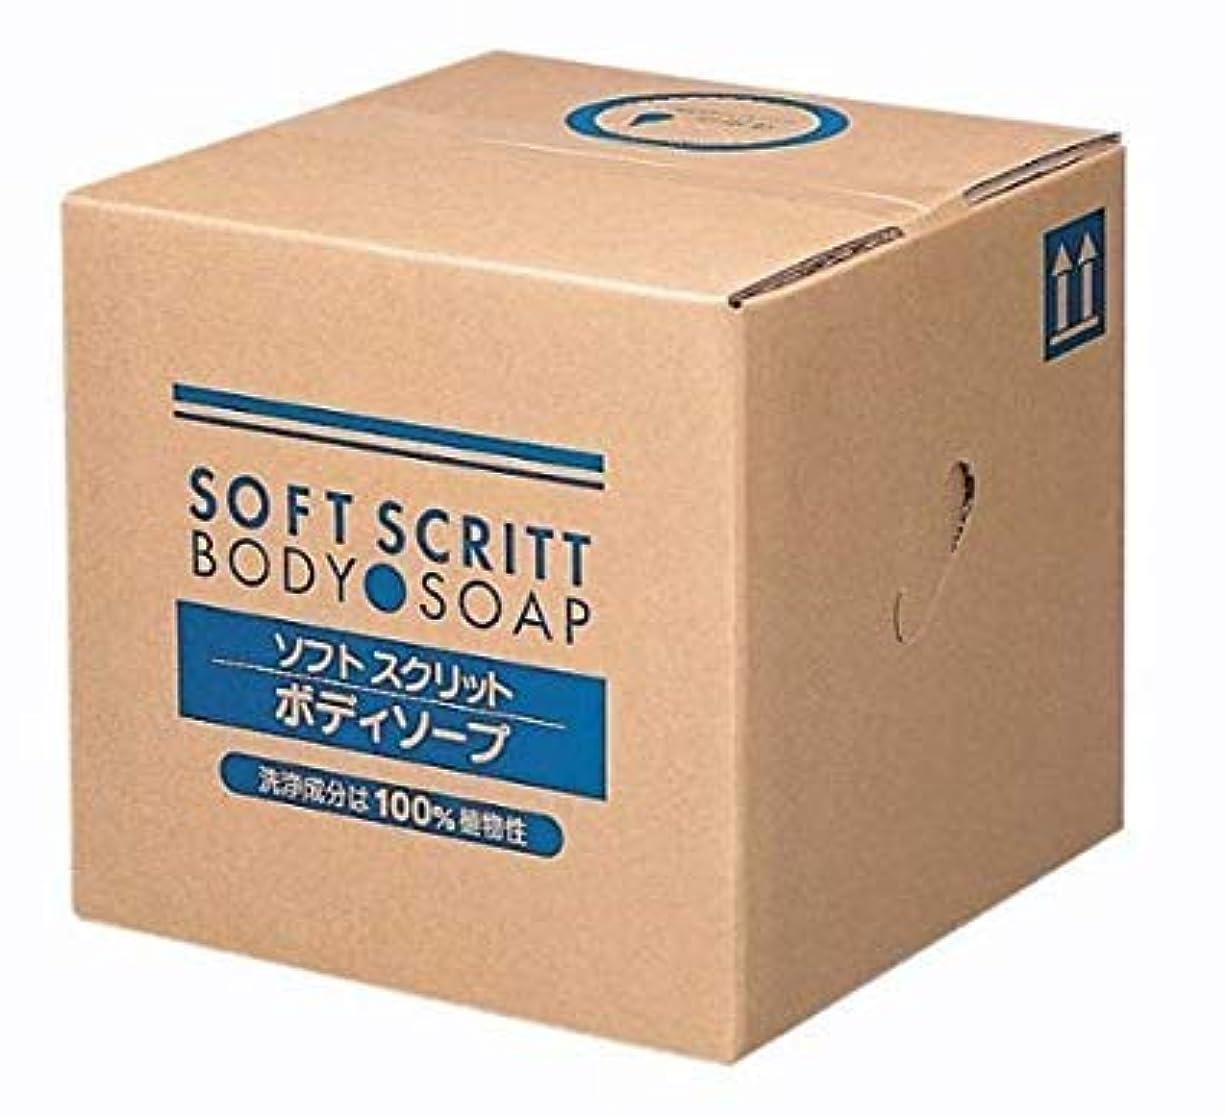 特徴づけるその他遺伝的SOFT SCRITT(ソフトスクリット) ボディソープ 詰替用 18L 4353 (熊野油脂) (清拭小物)